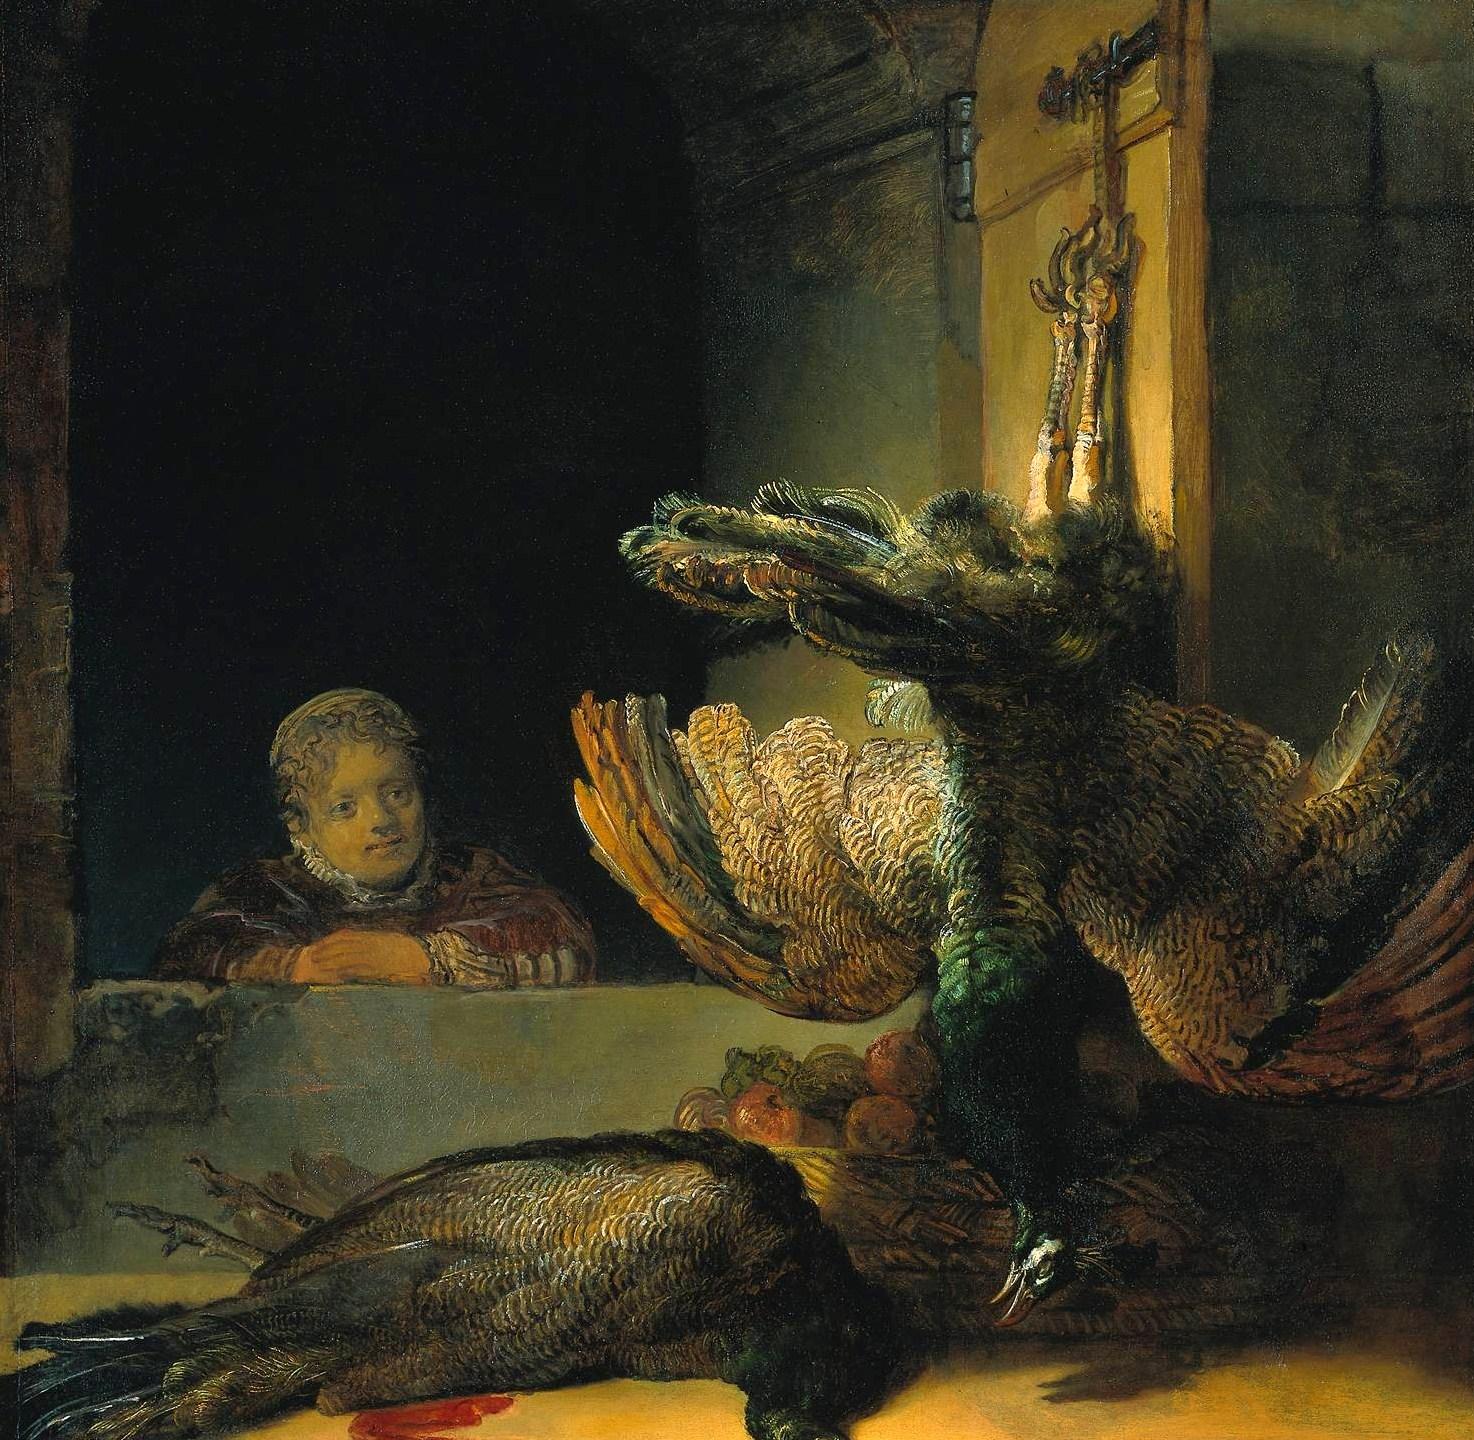 Rembrandt_Harmensz._van_Rijn_Dead_peacocks_1639